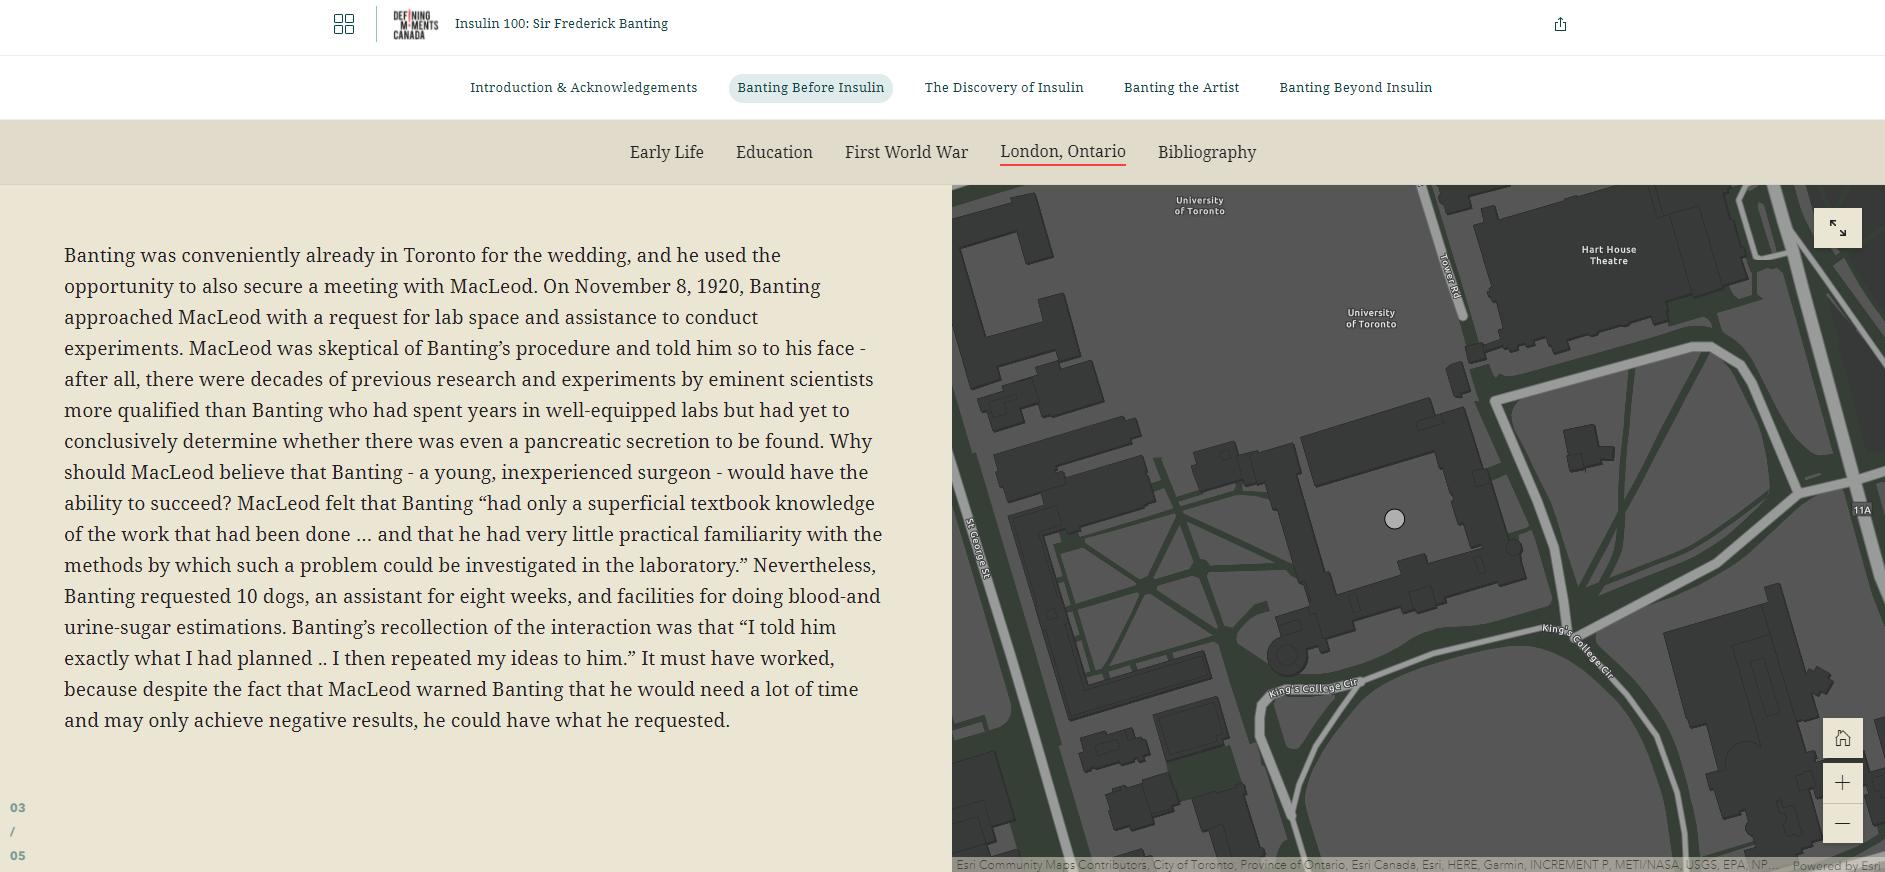 Cette image montre une capture d'écran d'un récit ArcGIS StoryMaps intitulée « Banting avant la découverte de l'insuline ». La capture d'écran montre la narration à gauche et une carte à droite grâce au format Compartiment latéral d'ArcGIS StoryMaps.